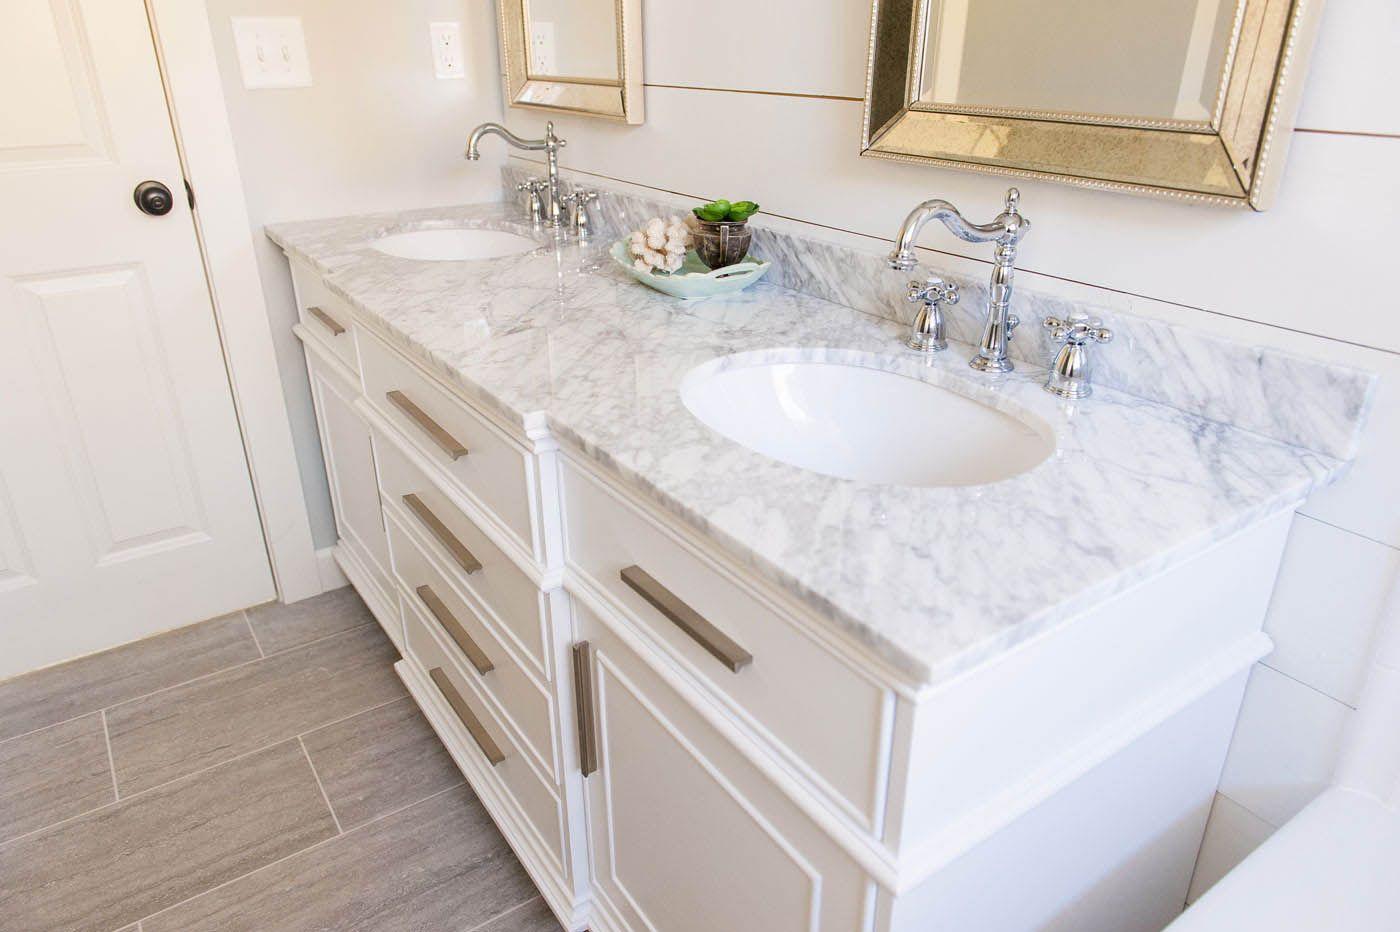 The Ultimate Guide To Buying A Bathroom Vanity Bathroom Vanity Designs Bathroom Vanity Makeover Bathroom Vanity